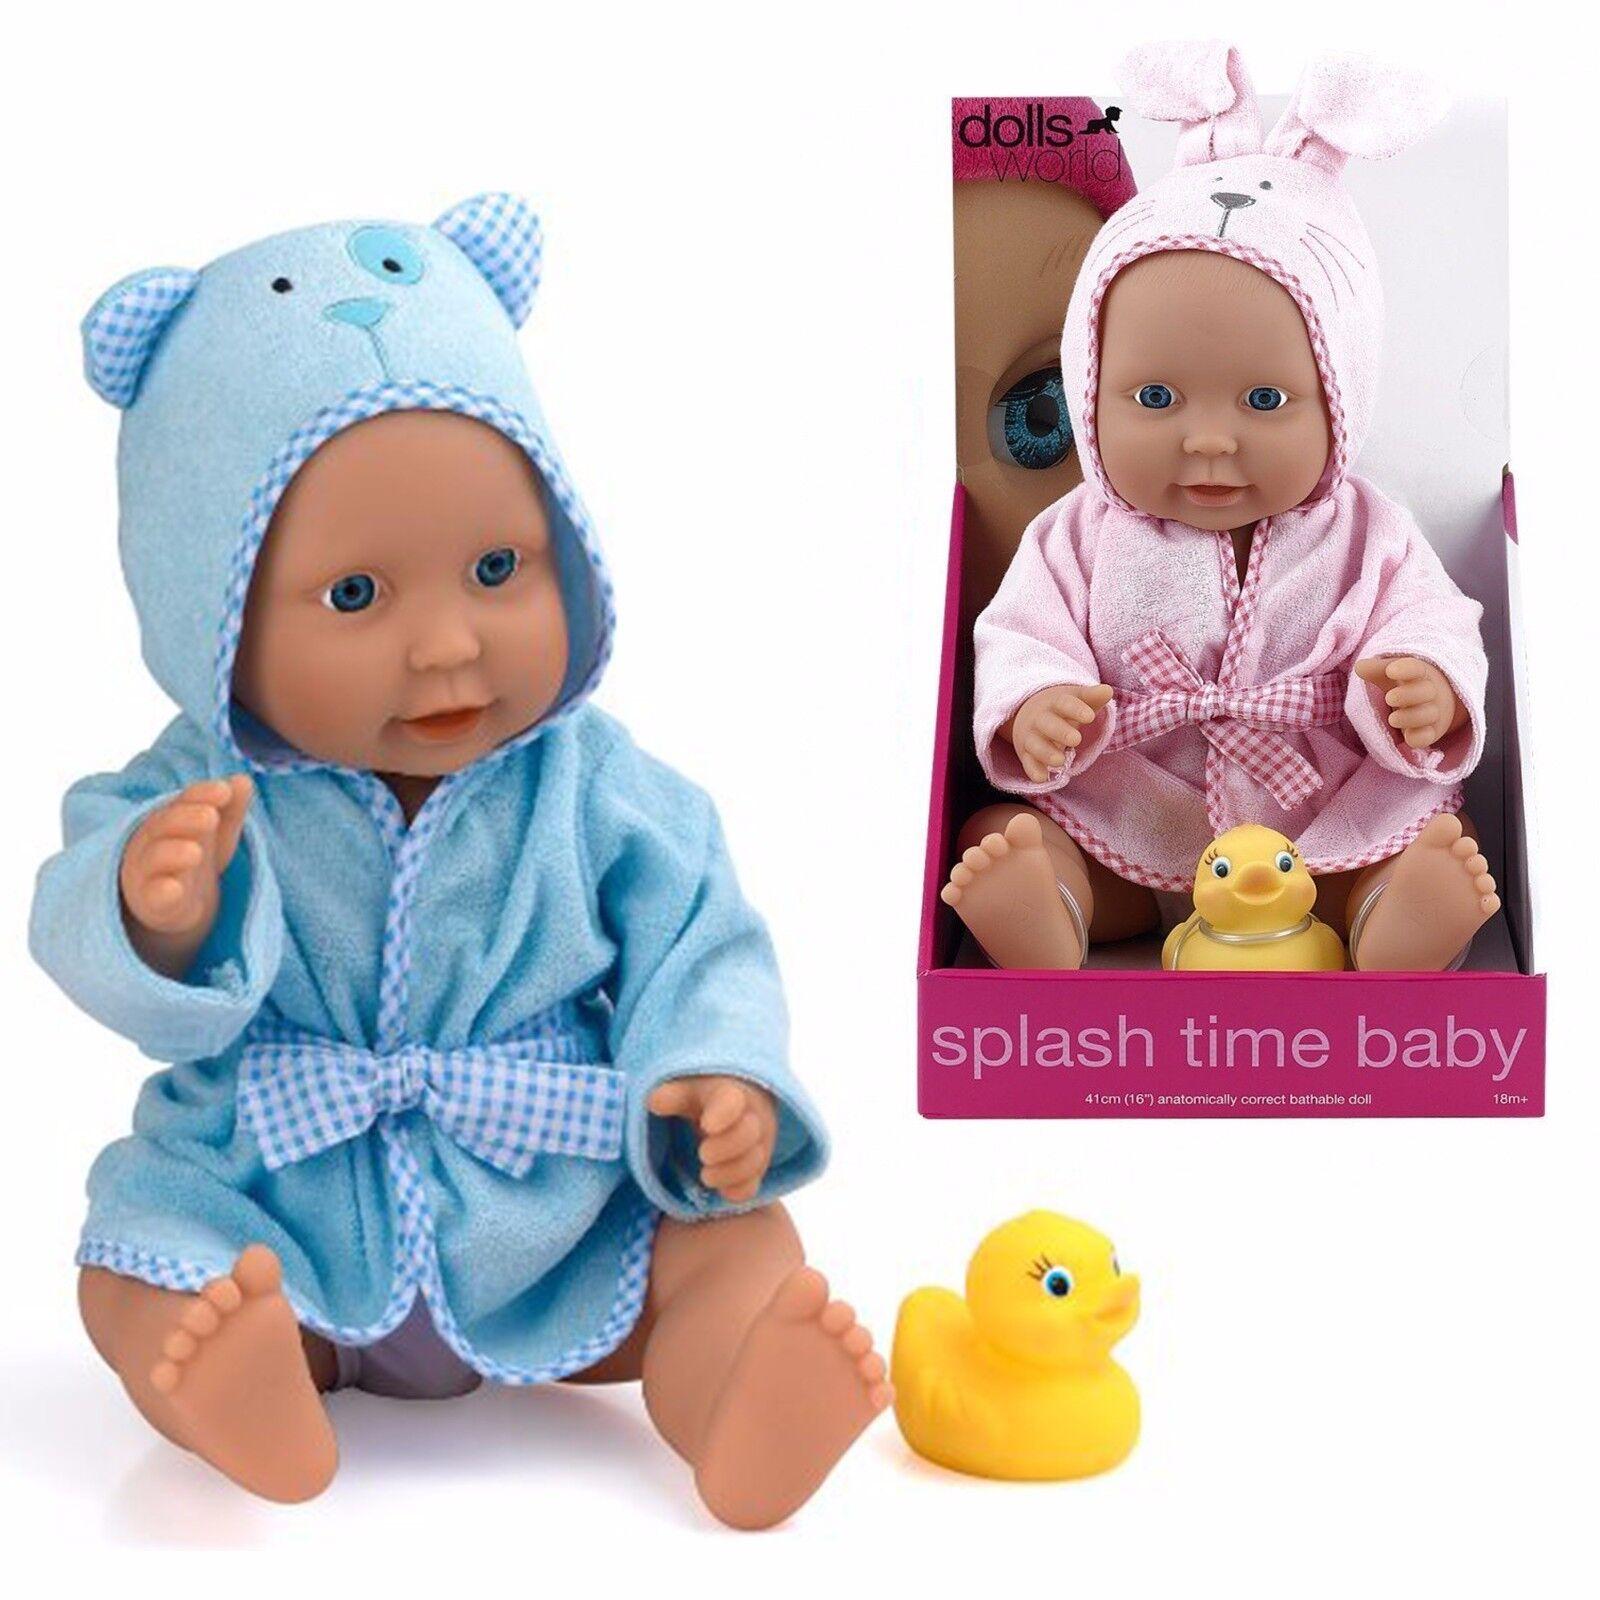 40.6cm Dolls World Vinyl Spritzer Time Baby Baden Puppe mit Morgenmantel Ente